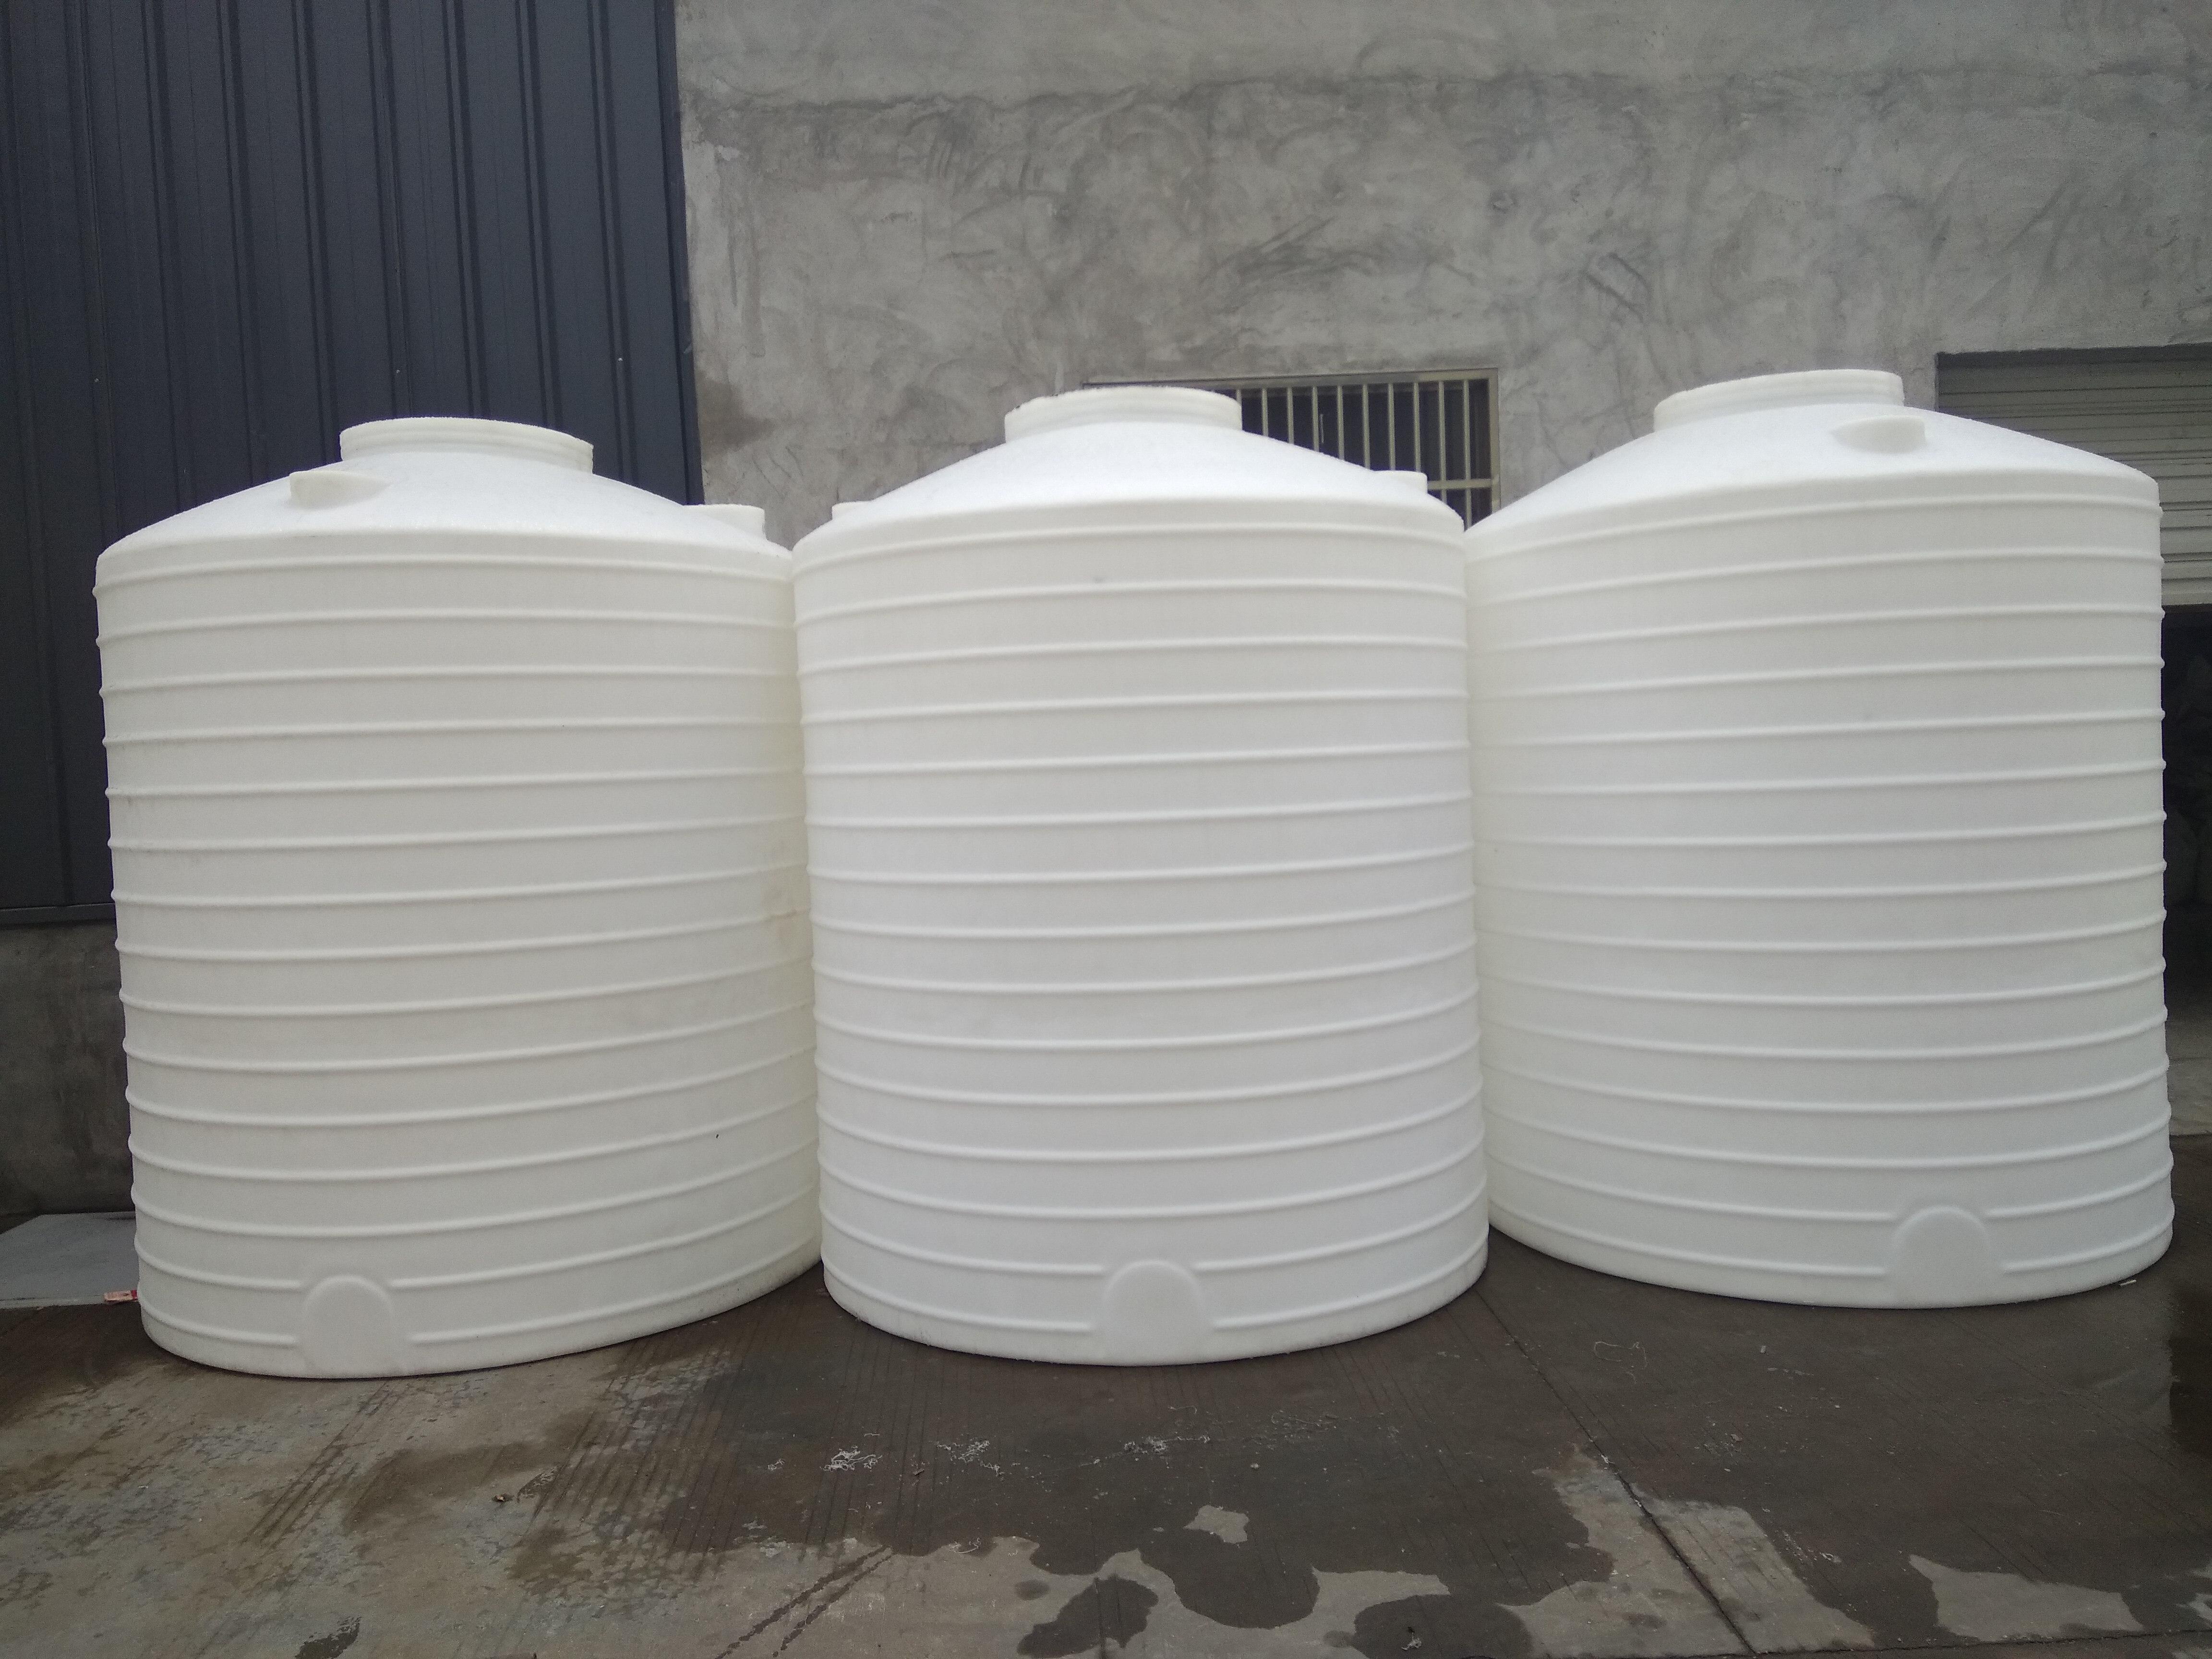 Phụ gia thẳng đứng chống ăn mòn và chống axit và vật liệu PE mới chứa 5000L metanol sulfuric axit bể chứa nước - Thiết bị nước / Bình chứa nước